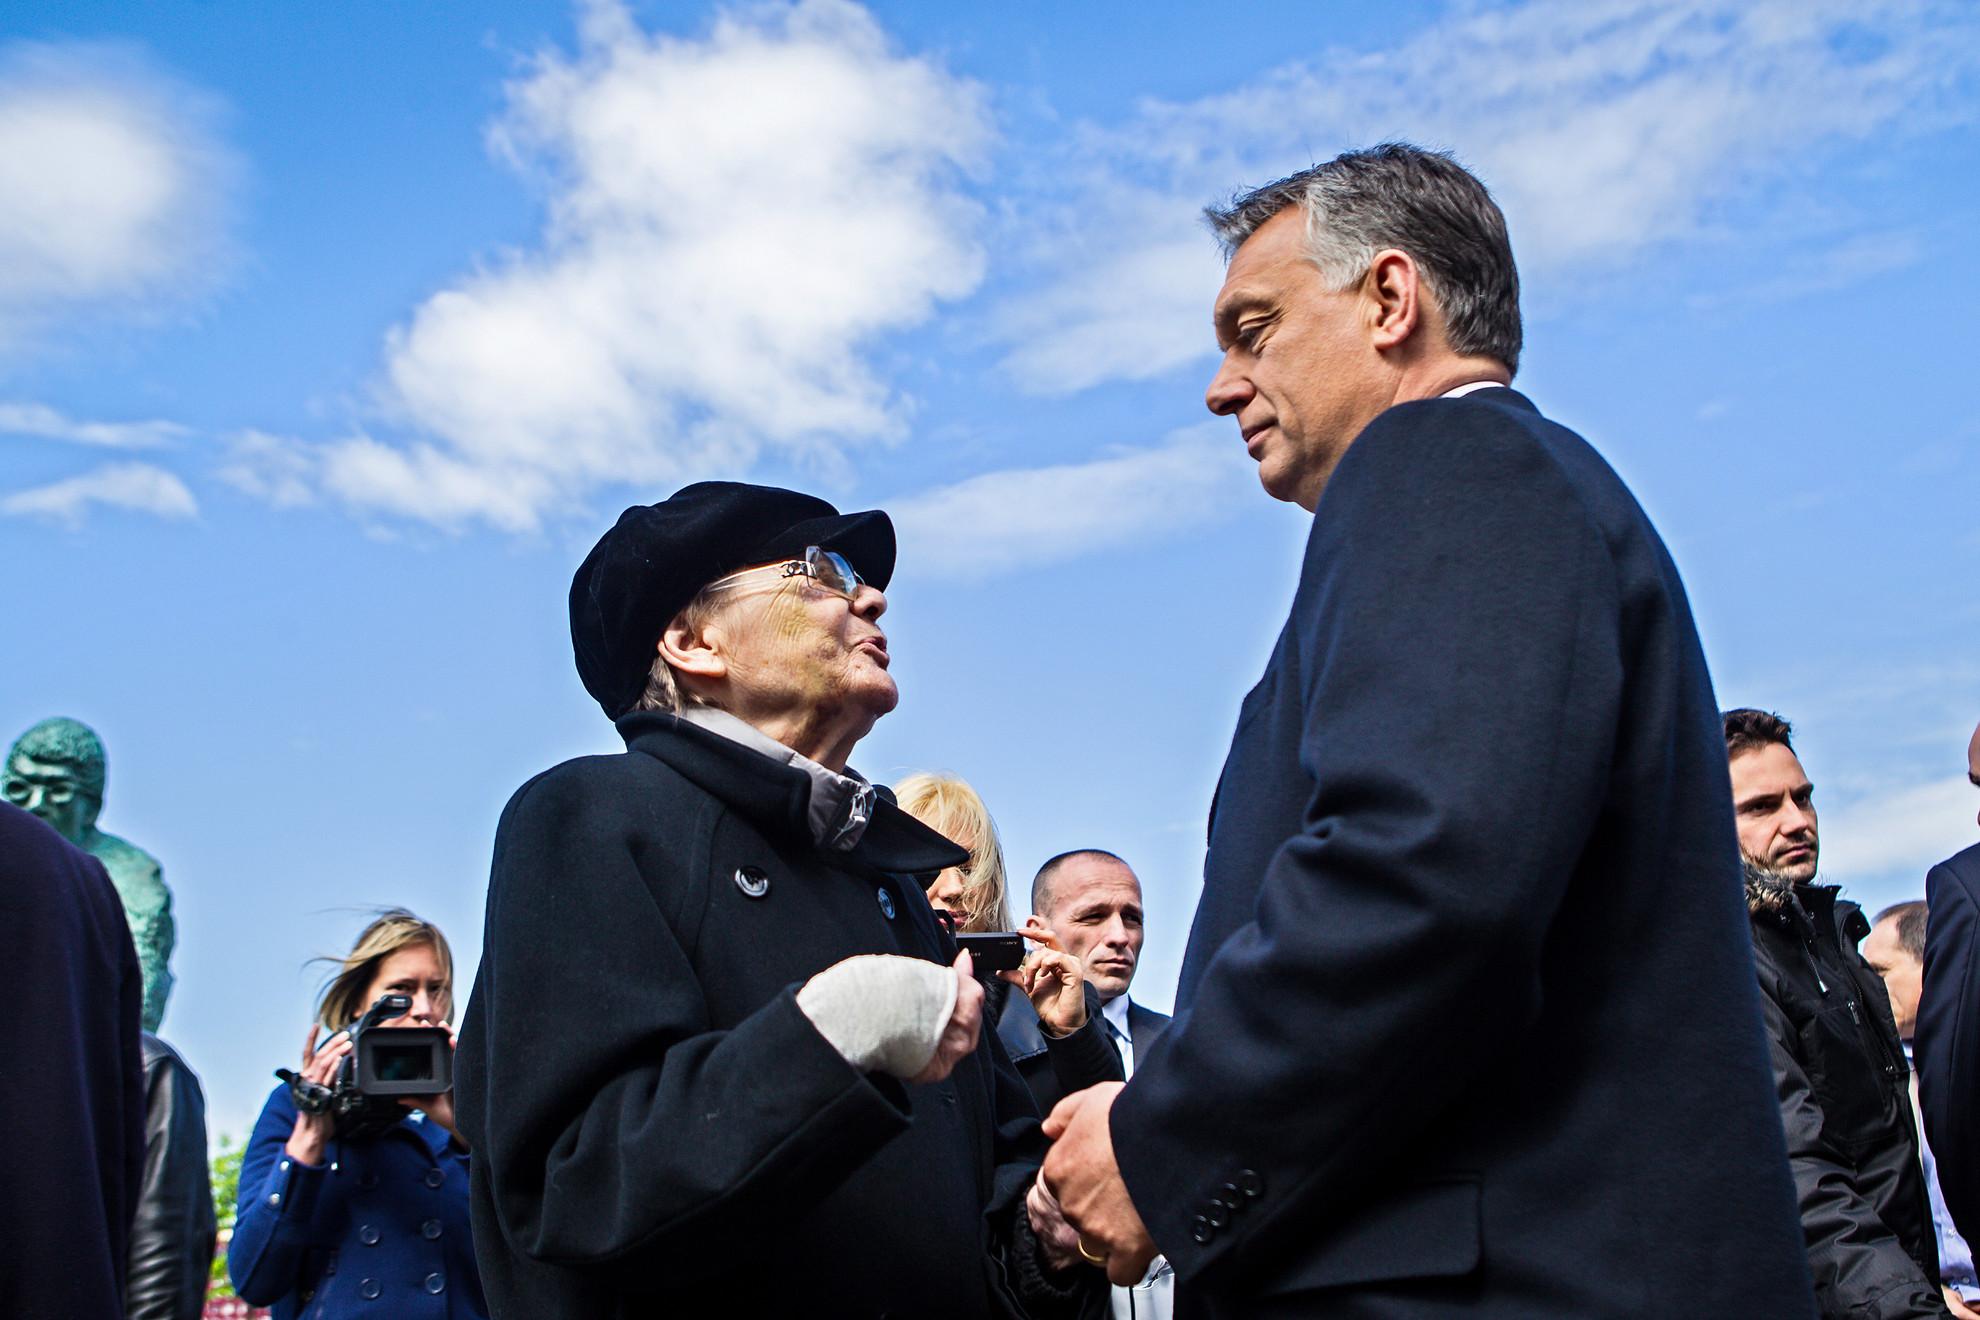 Törőcsik Mari és Orbán Viktor miniszterelnök Schwajda György szoboravatásán a Nemzeti Színháznál 2015-ben